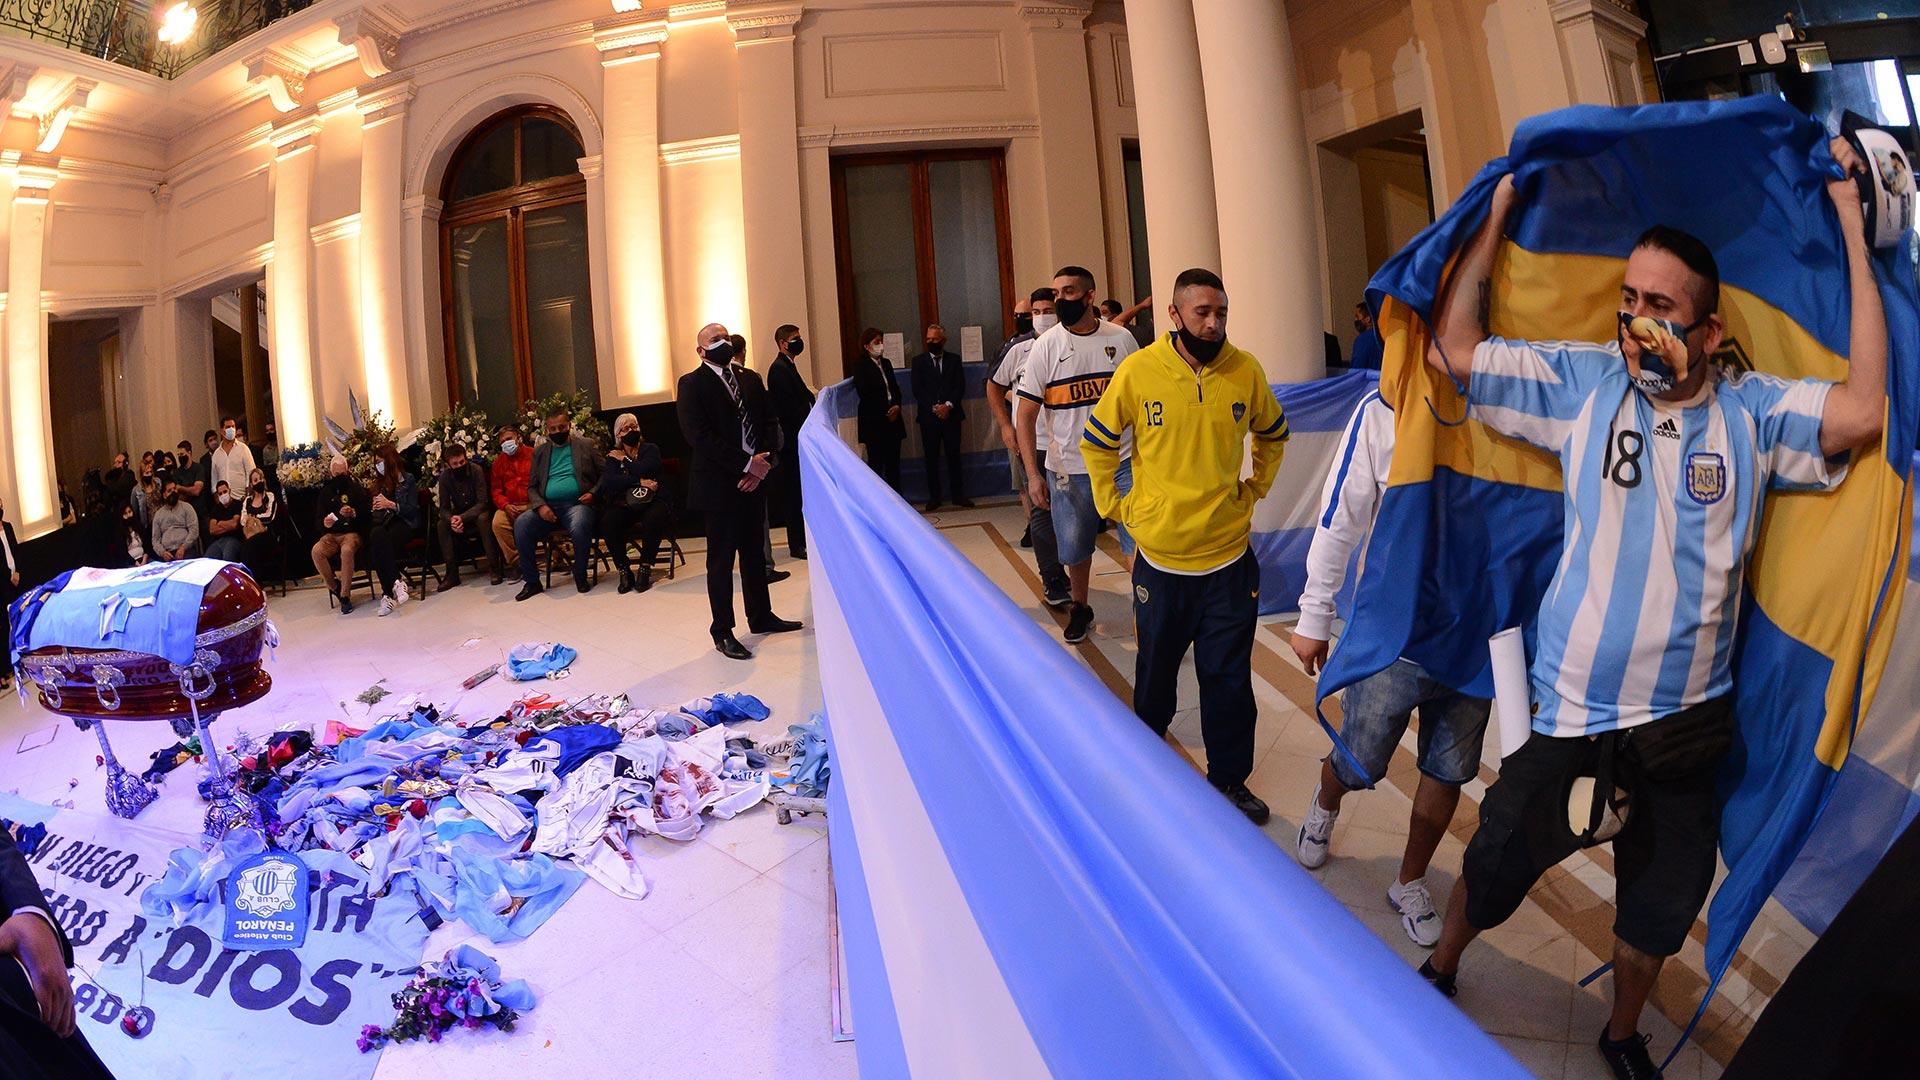 Al fondo, la familia de Diego Maradona. A la derecha, la fila interminable para una última ofrenda al Diez